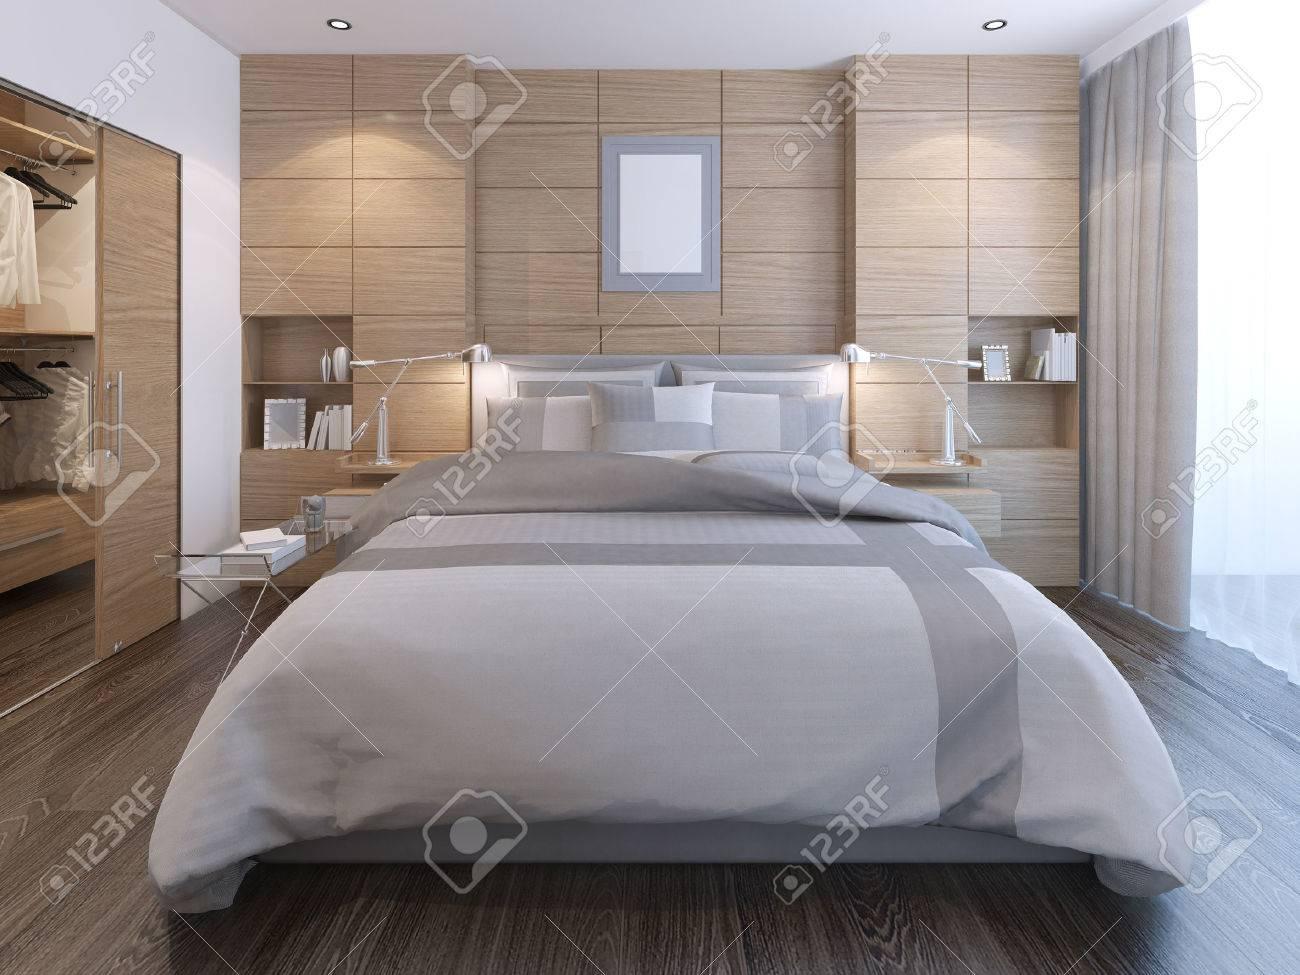 decorare pareti camera da letto. camera da letto elegante con la ... - Arredare Parete Camera Da Letto